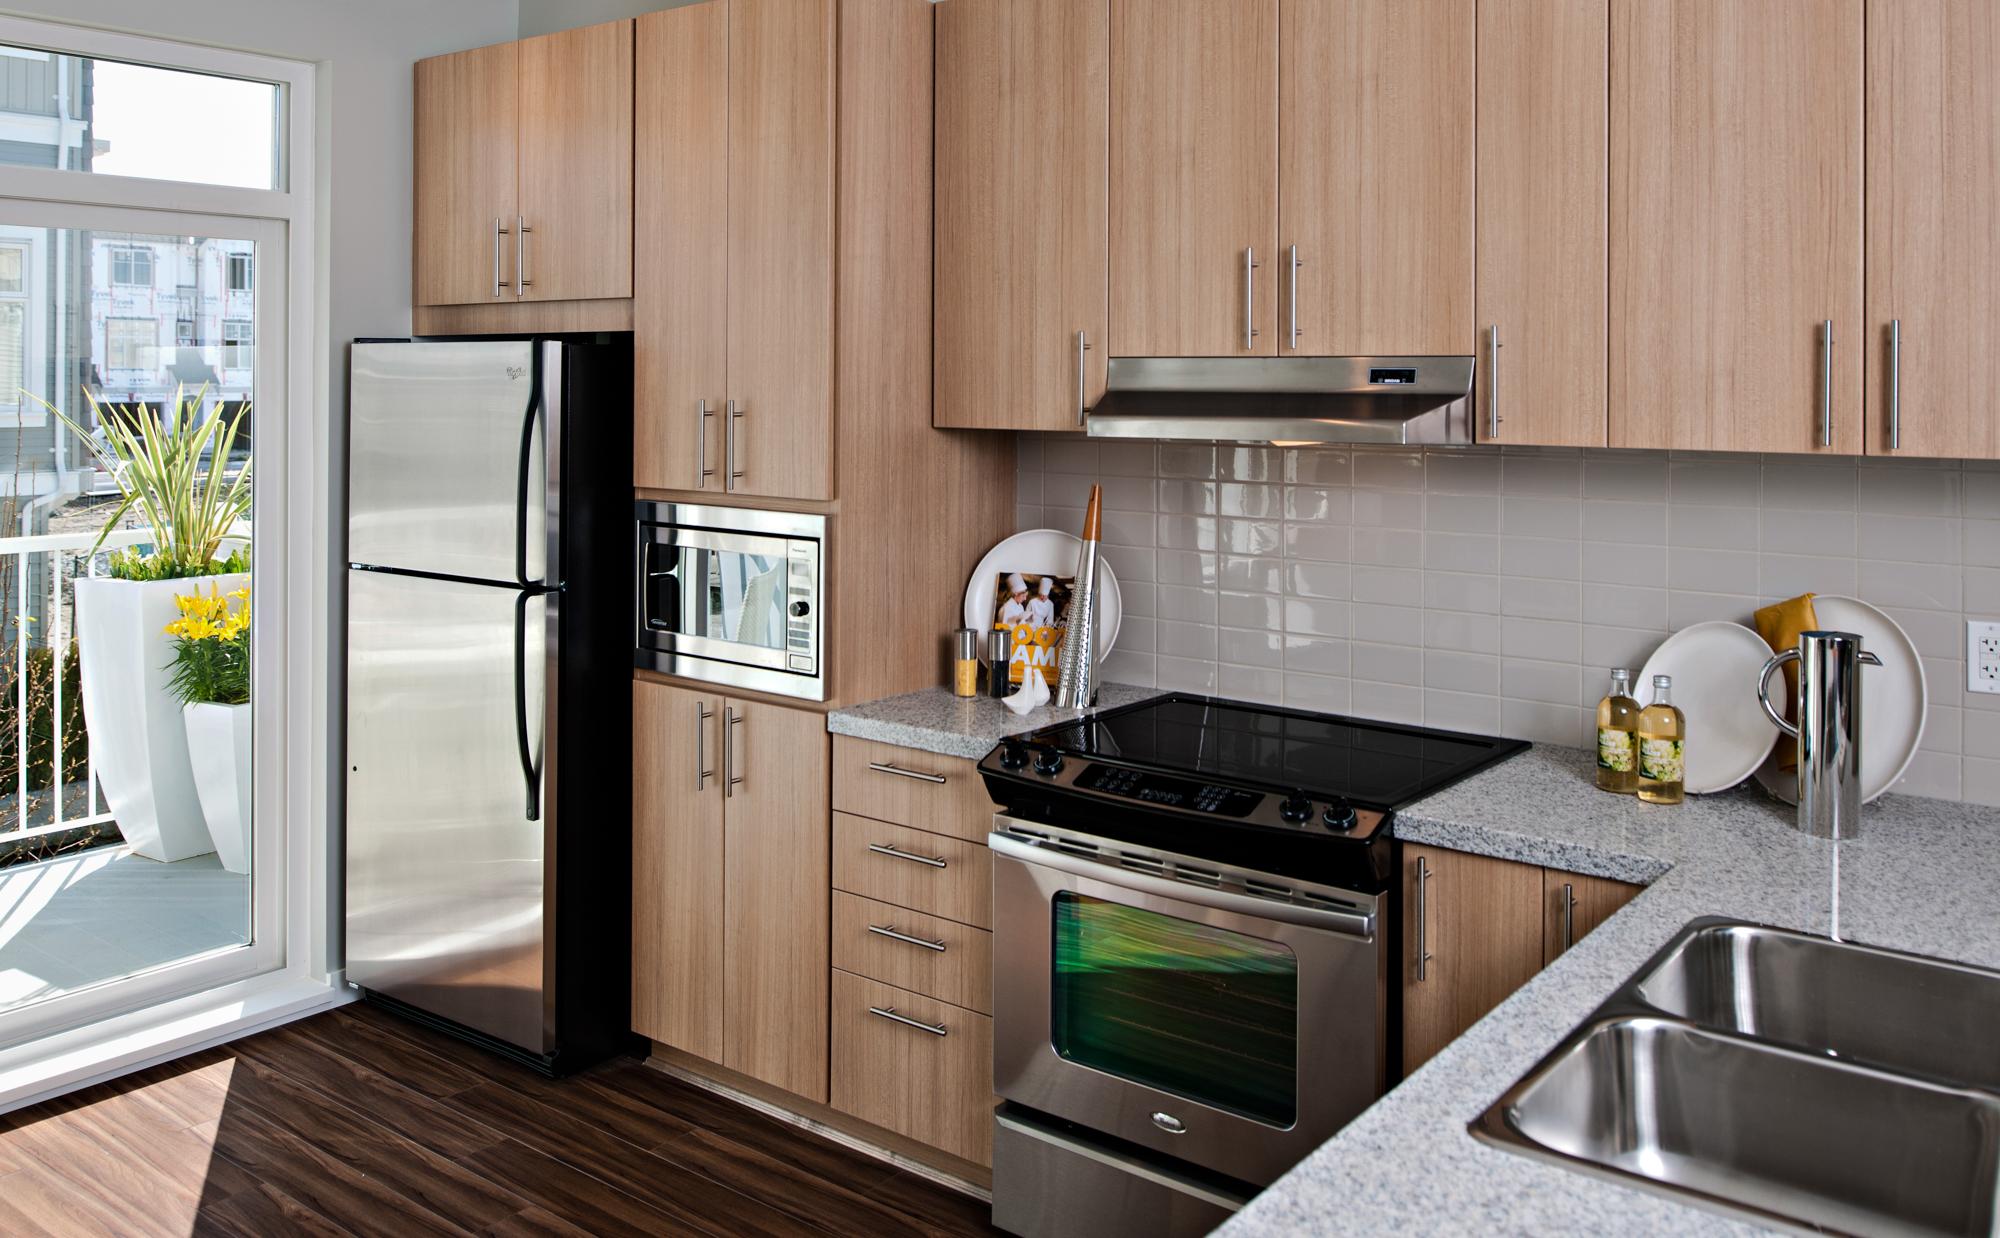 Best Kitchen Appliances For The Money Interior Design